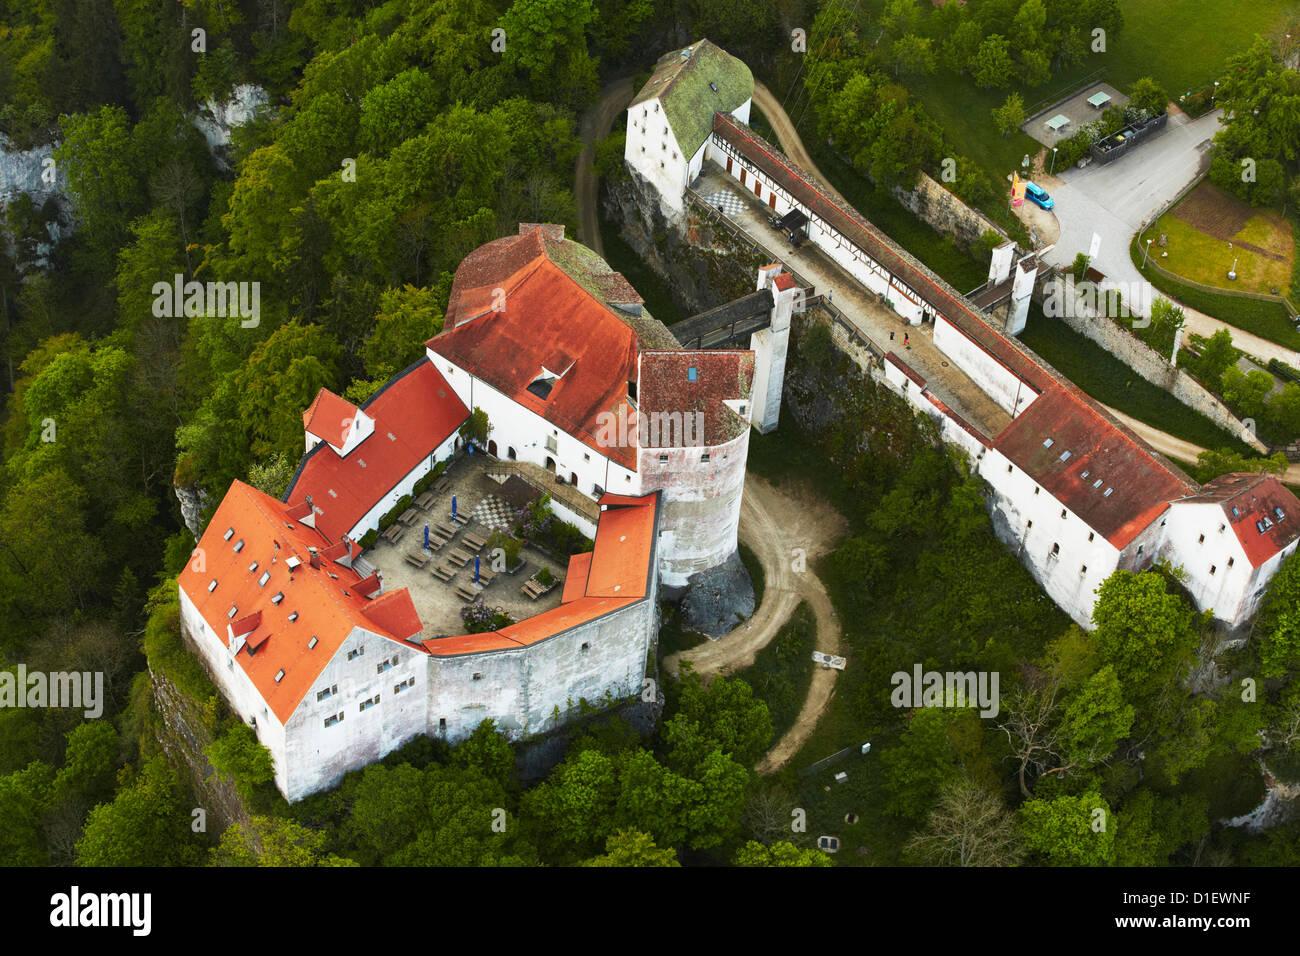 Luftaufnahme der Burg Wildenstein, Sigmaringen, Deutschland Stockbild